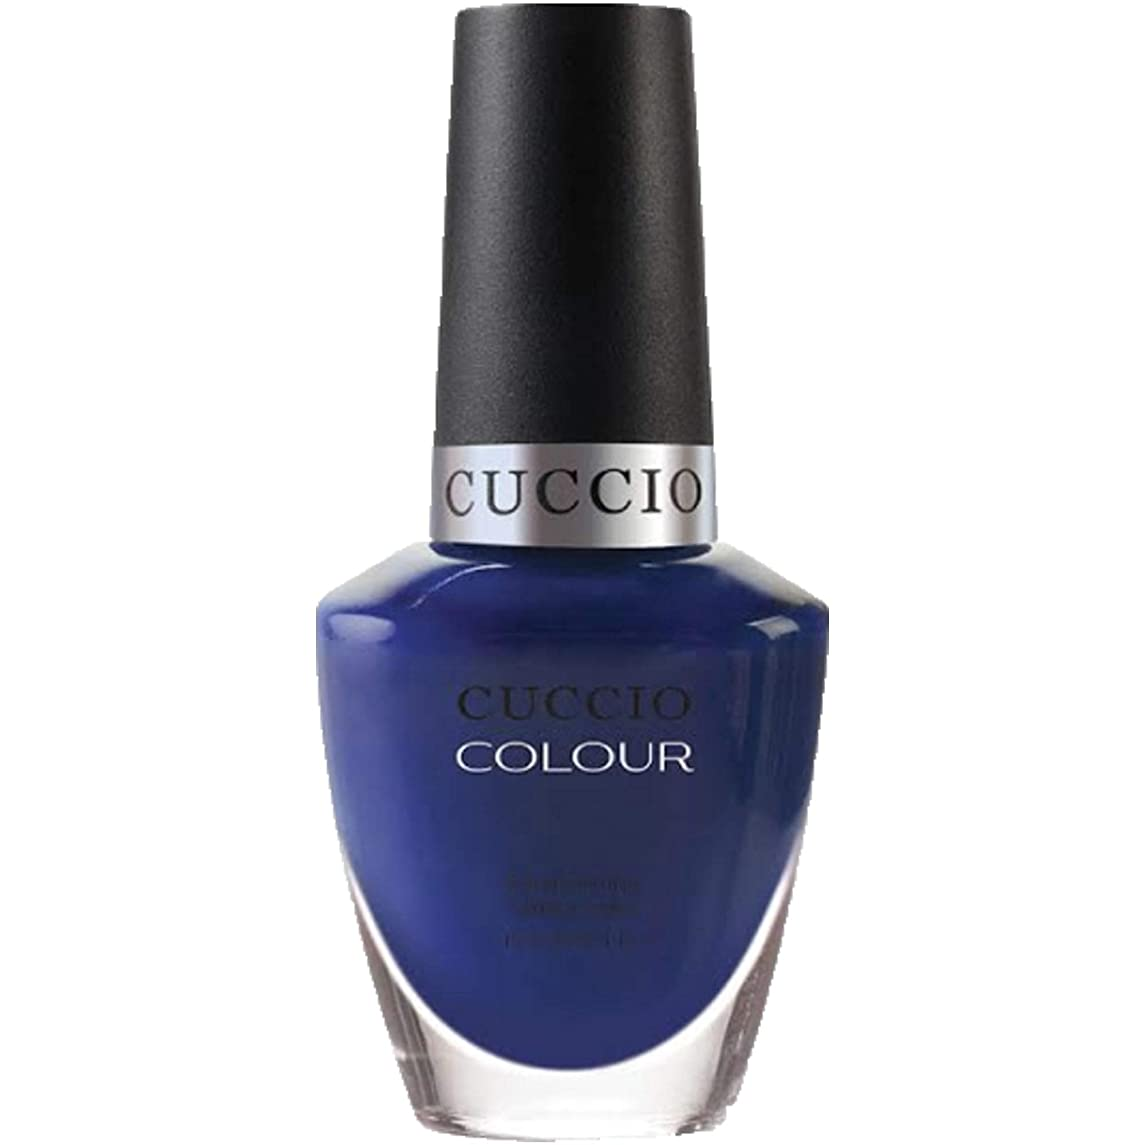 嵐あえぎ相手Cuccio Colour Gloss Lacquer - Lauren Blucall - 0.43oz / 13ml